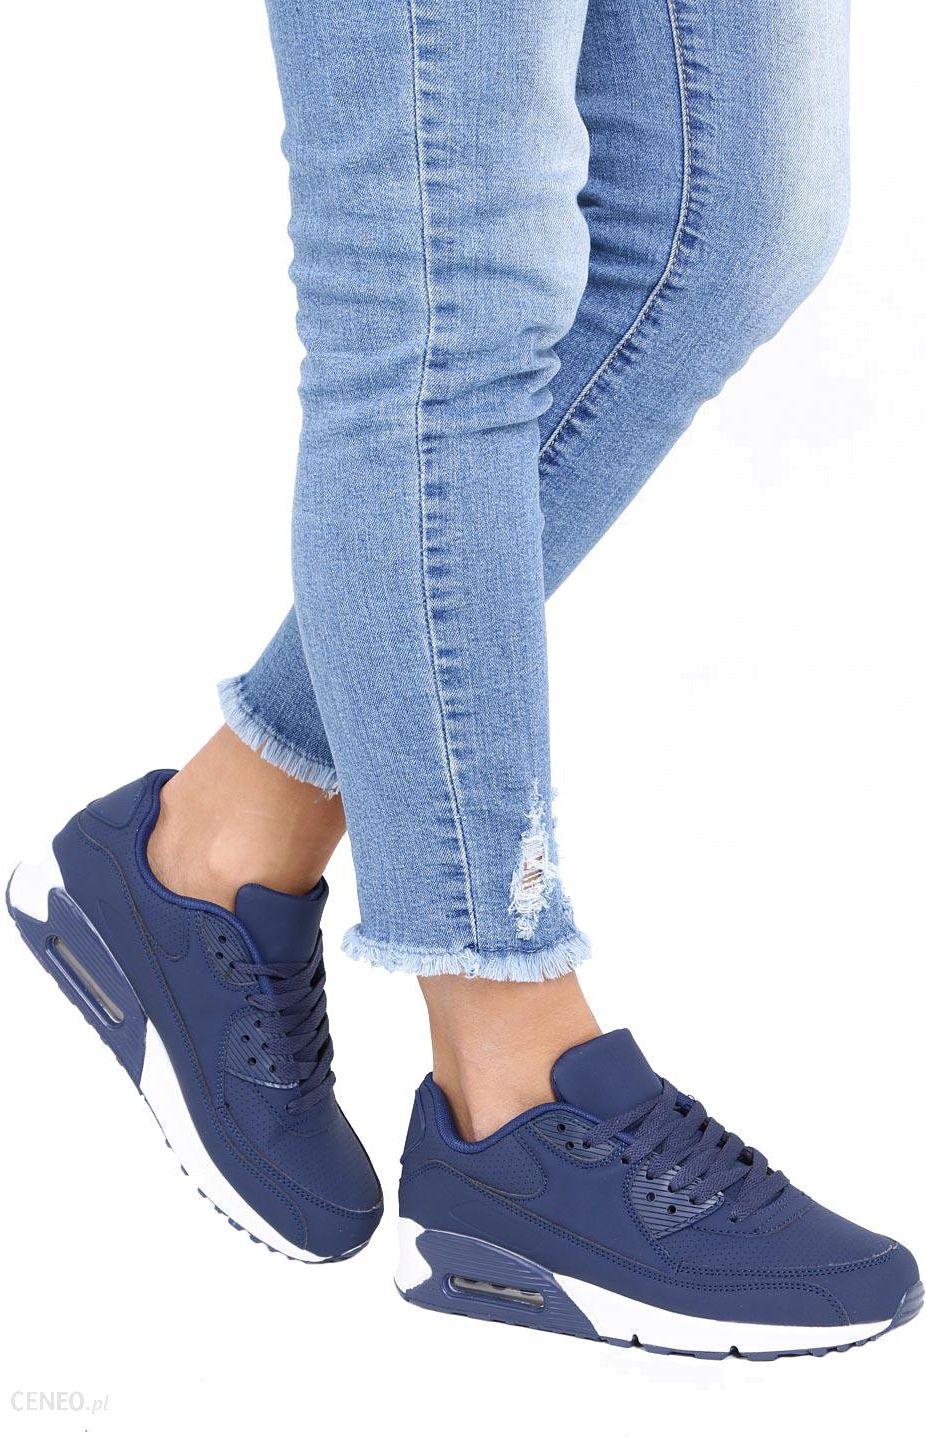 c5e464f7 Granatowe buty sportowe sznurowane Casu D718-3 - Ceny i opinie ...